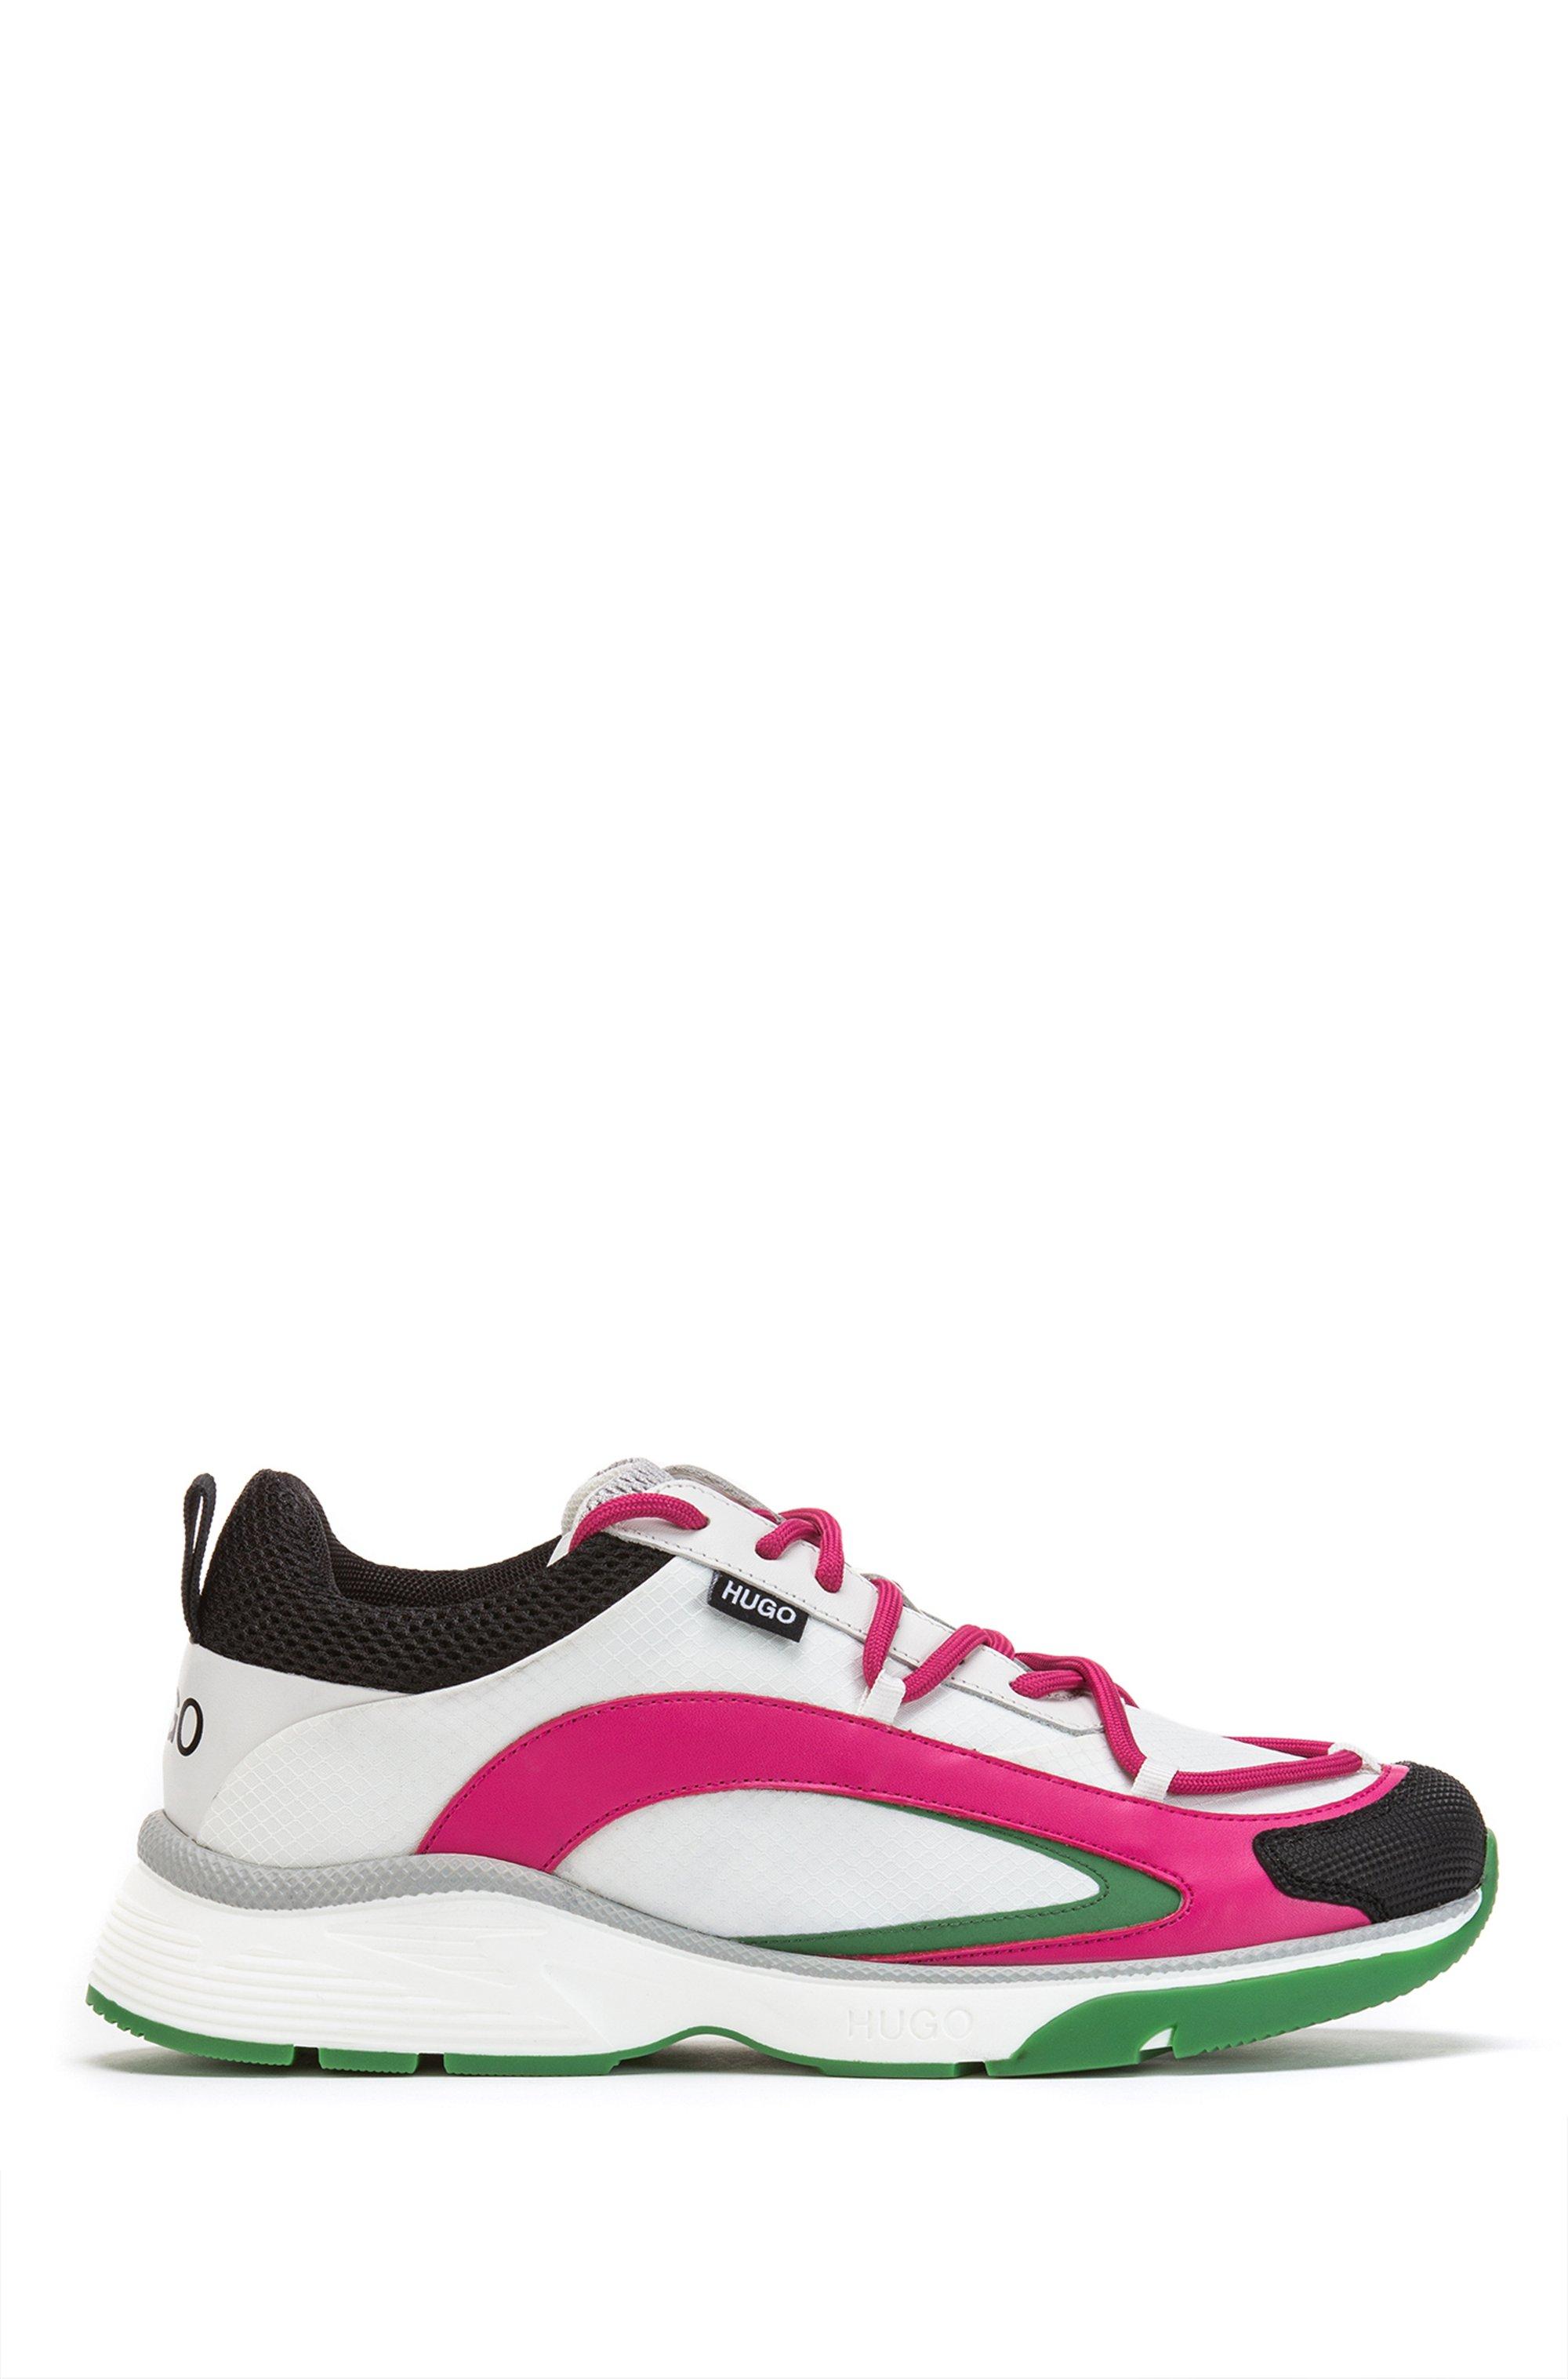 Farbenfrohe Sneakers im Laufschuh-Stil aus verschiedenen Materialien, Weiß